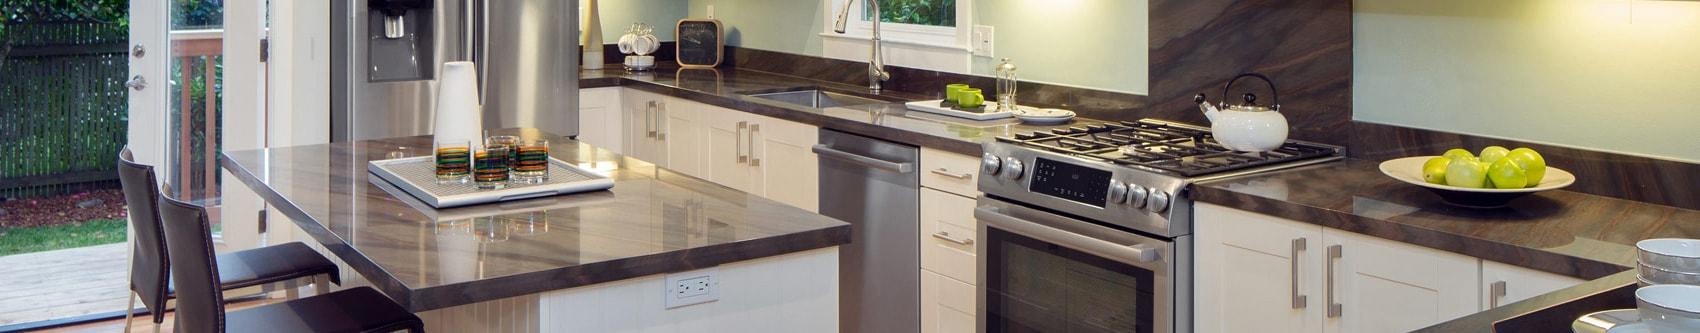 Custom Quartz Countertops : Quartz Countertops Caesarstone, LG Quartz, Cambria Quartz